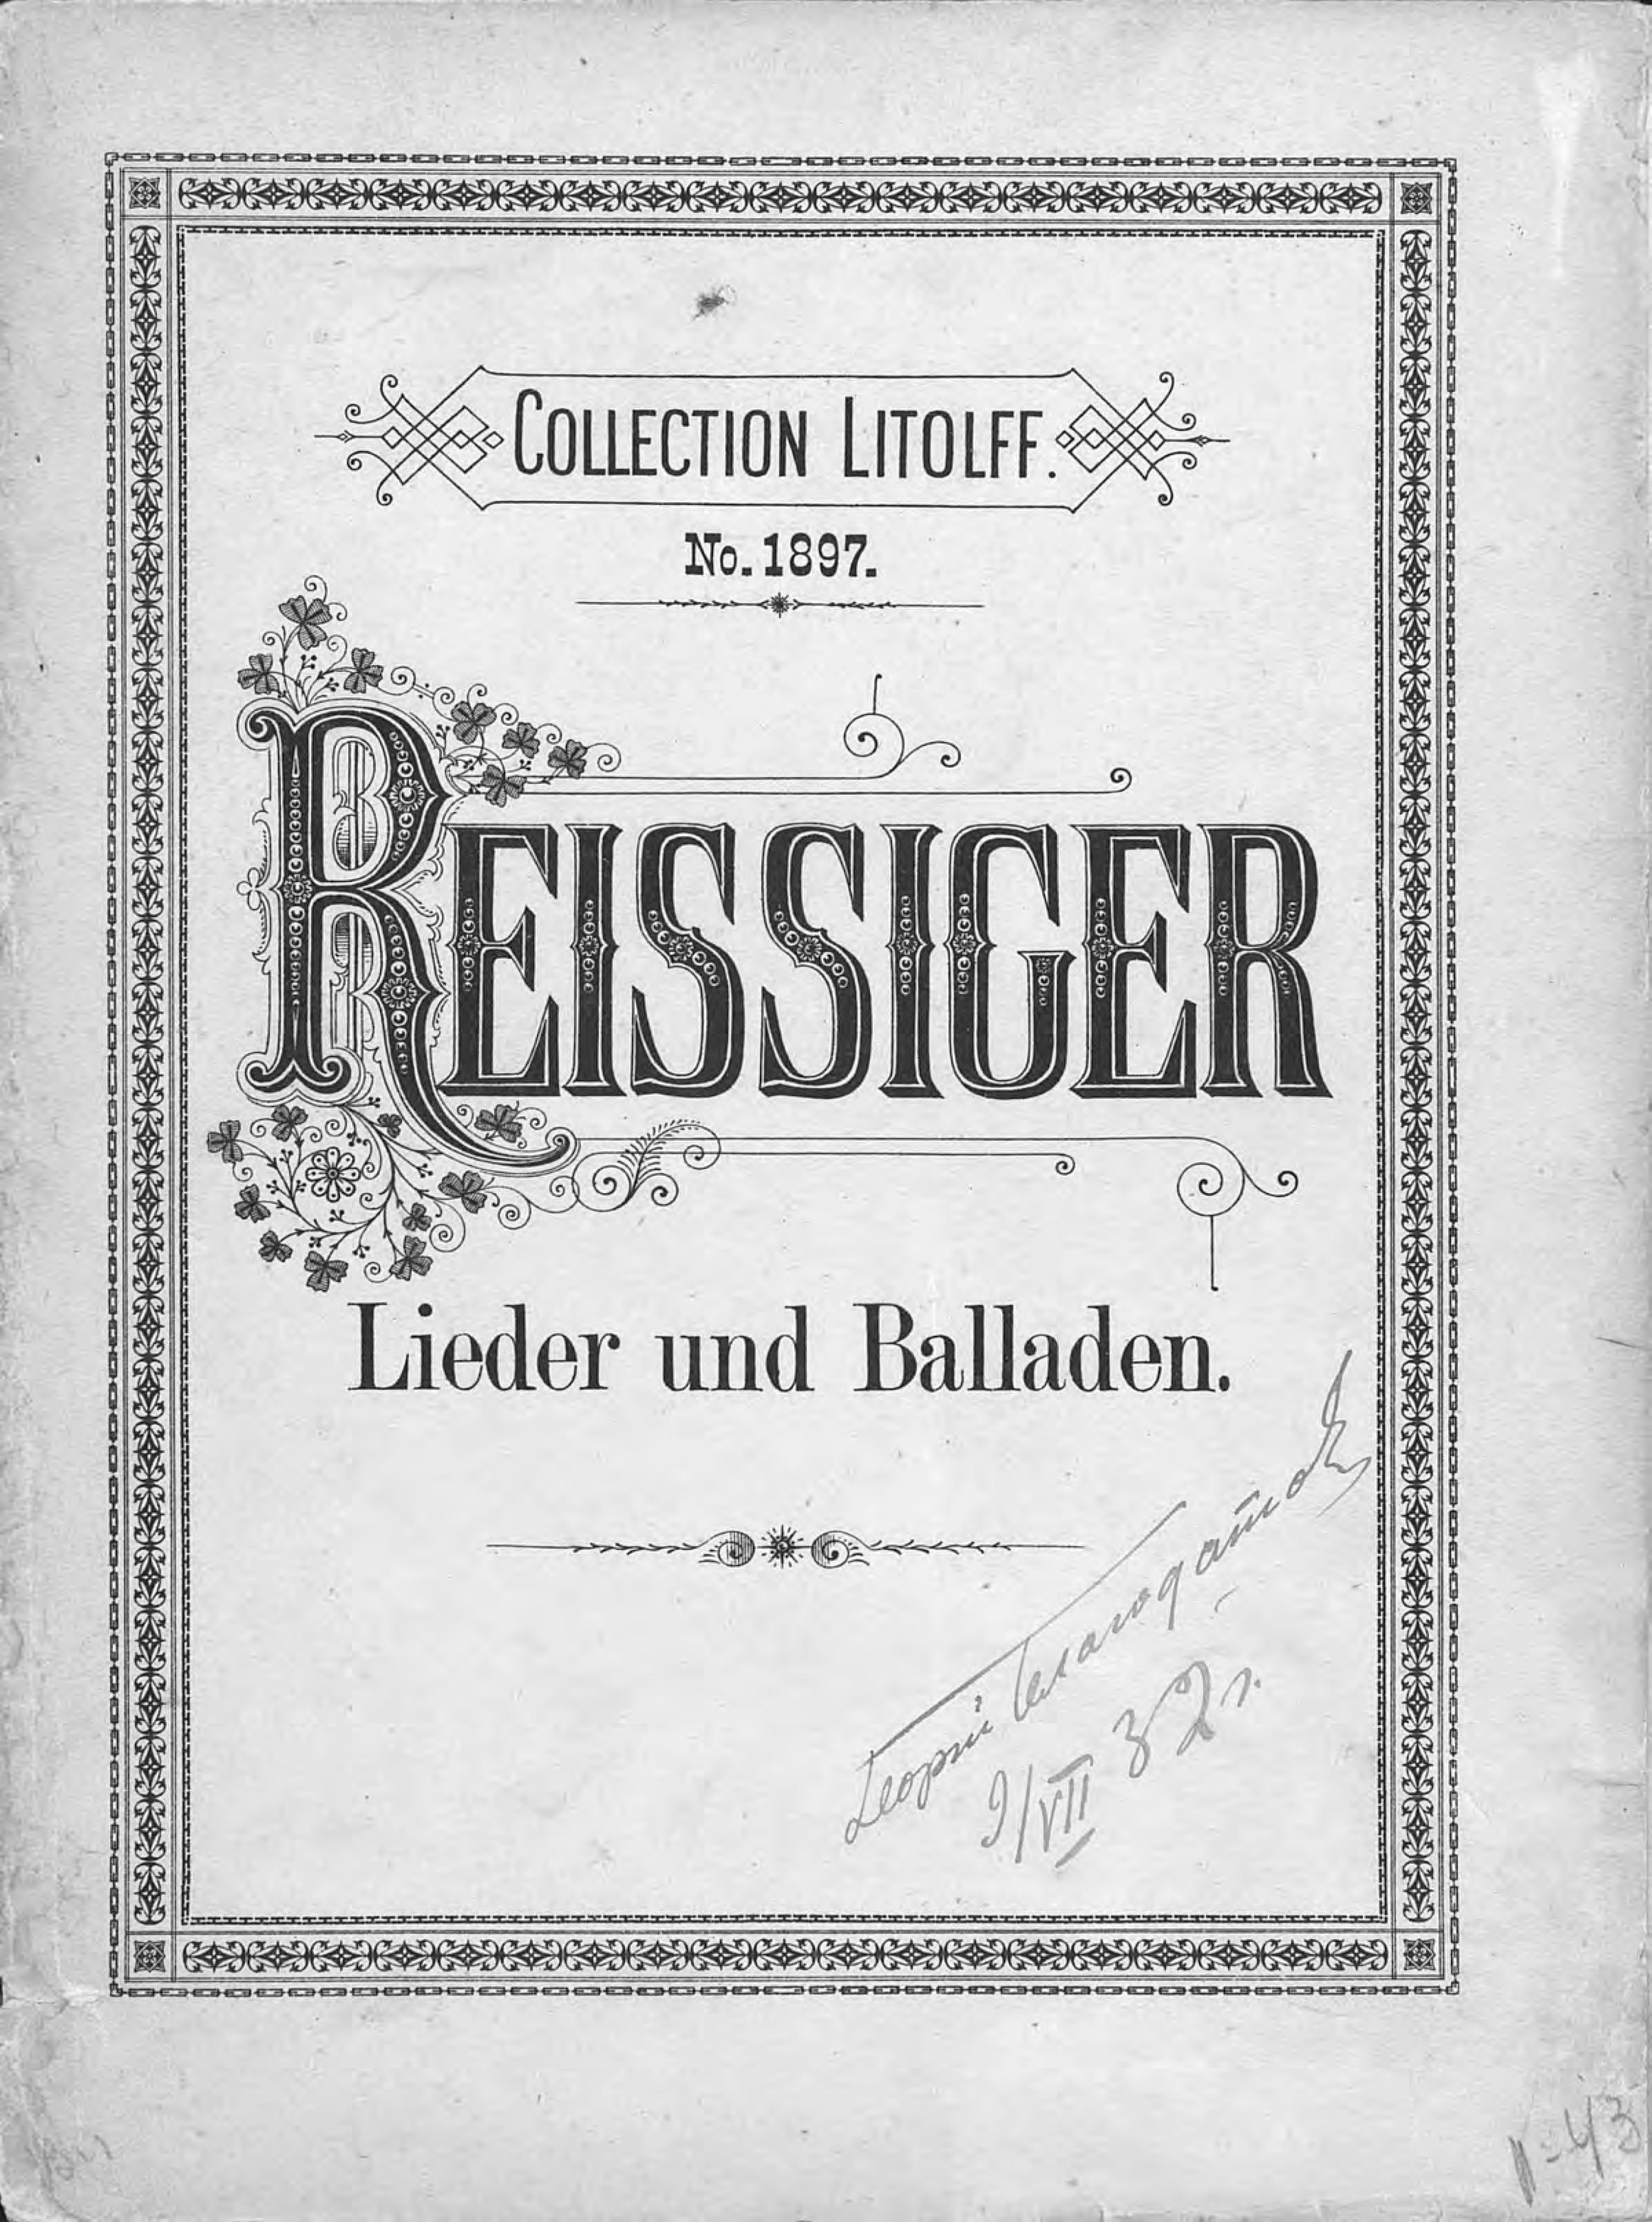 Ц. Рейссигер Lieder und Balladen fur eine Singstimme mit Pianofortebegleitung v. C. G. Reissiger